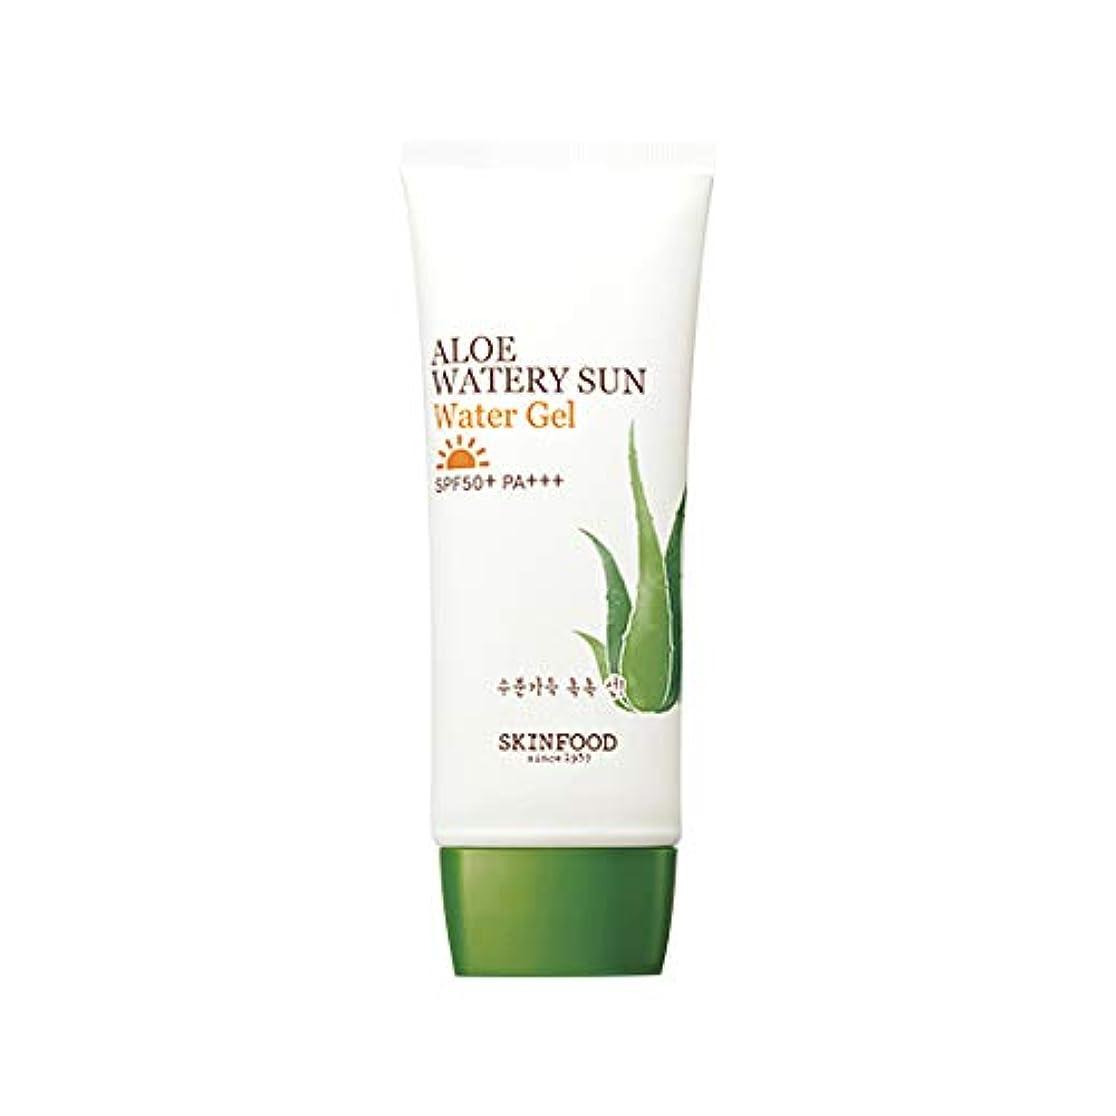 うんスクレーパー謝るSkinfood アロエウォーターサンジェルSPF50 + PA +++ / Aloe Watery Sun Water Gel SPF50+ PA+++ 50ml [並行輸入品]